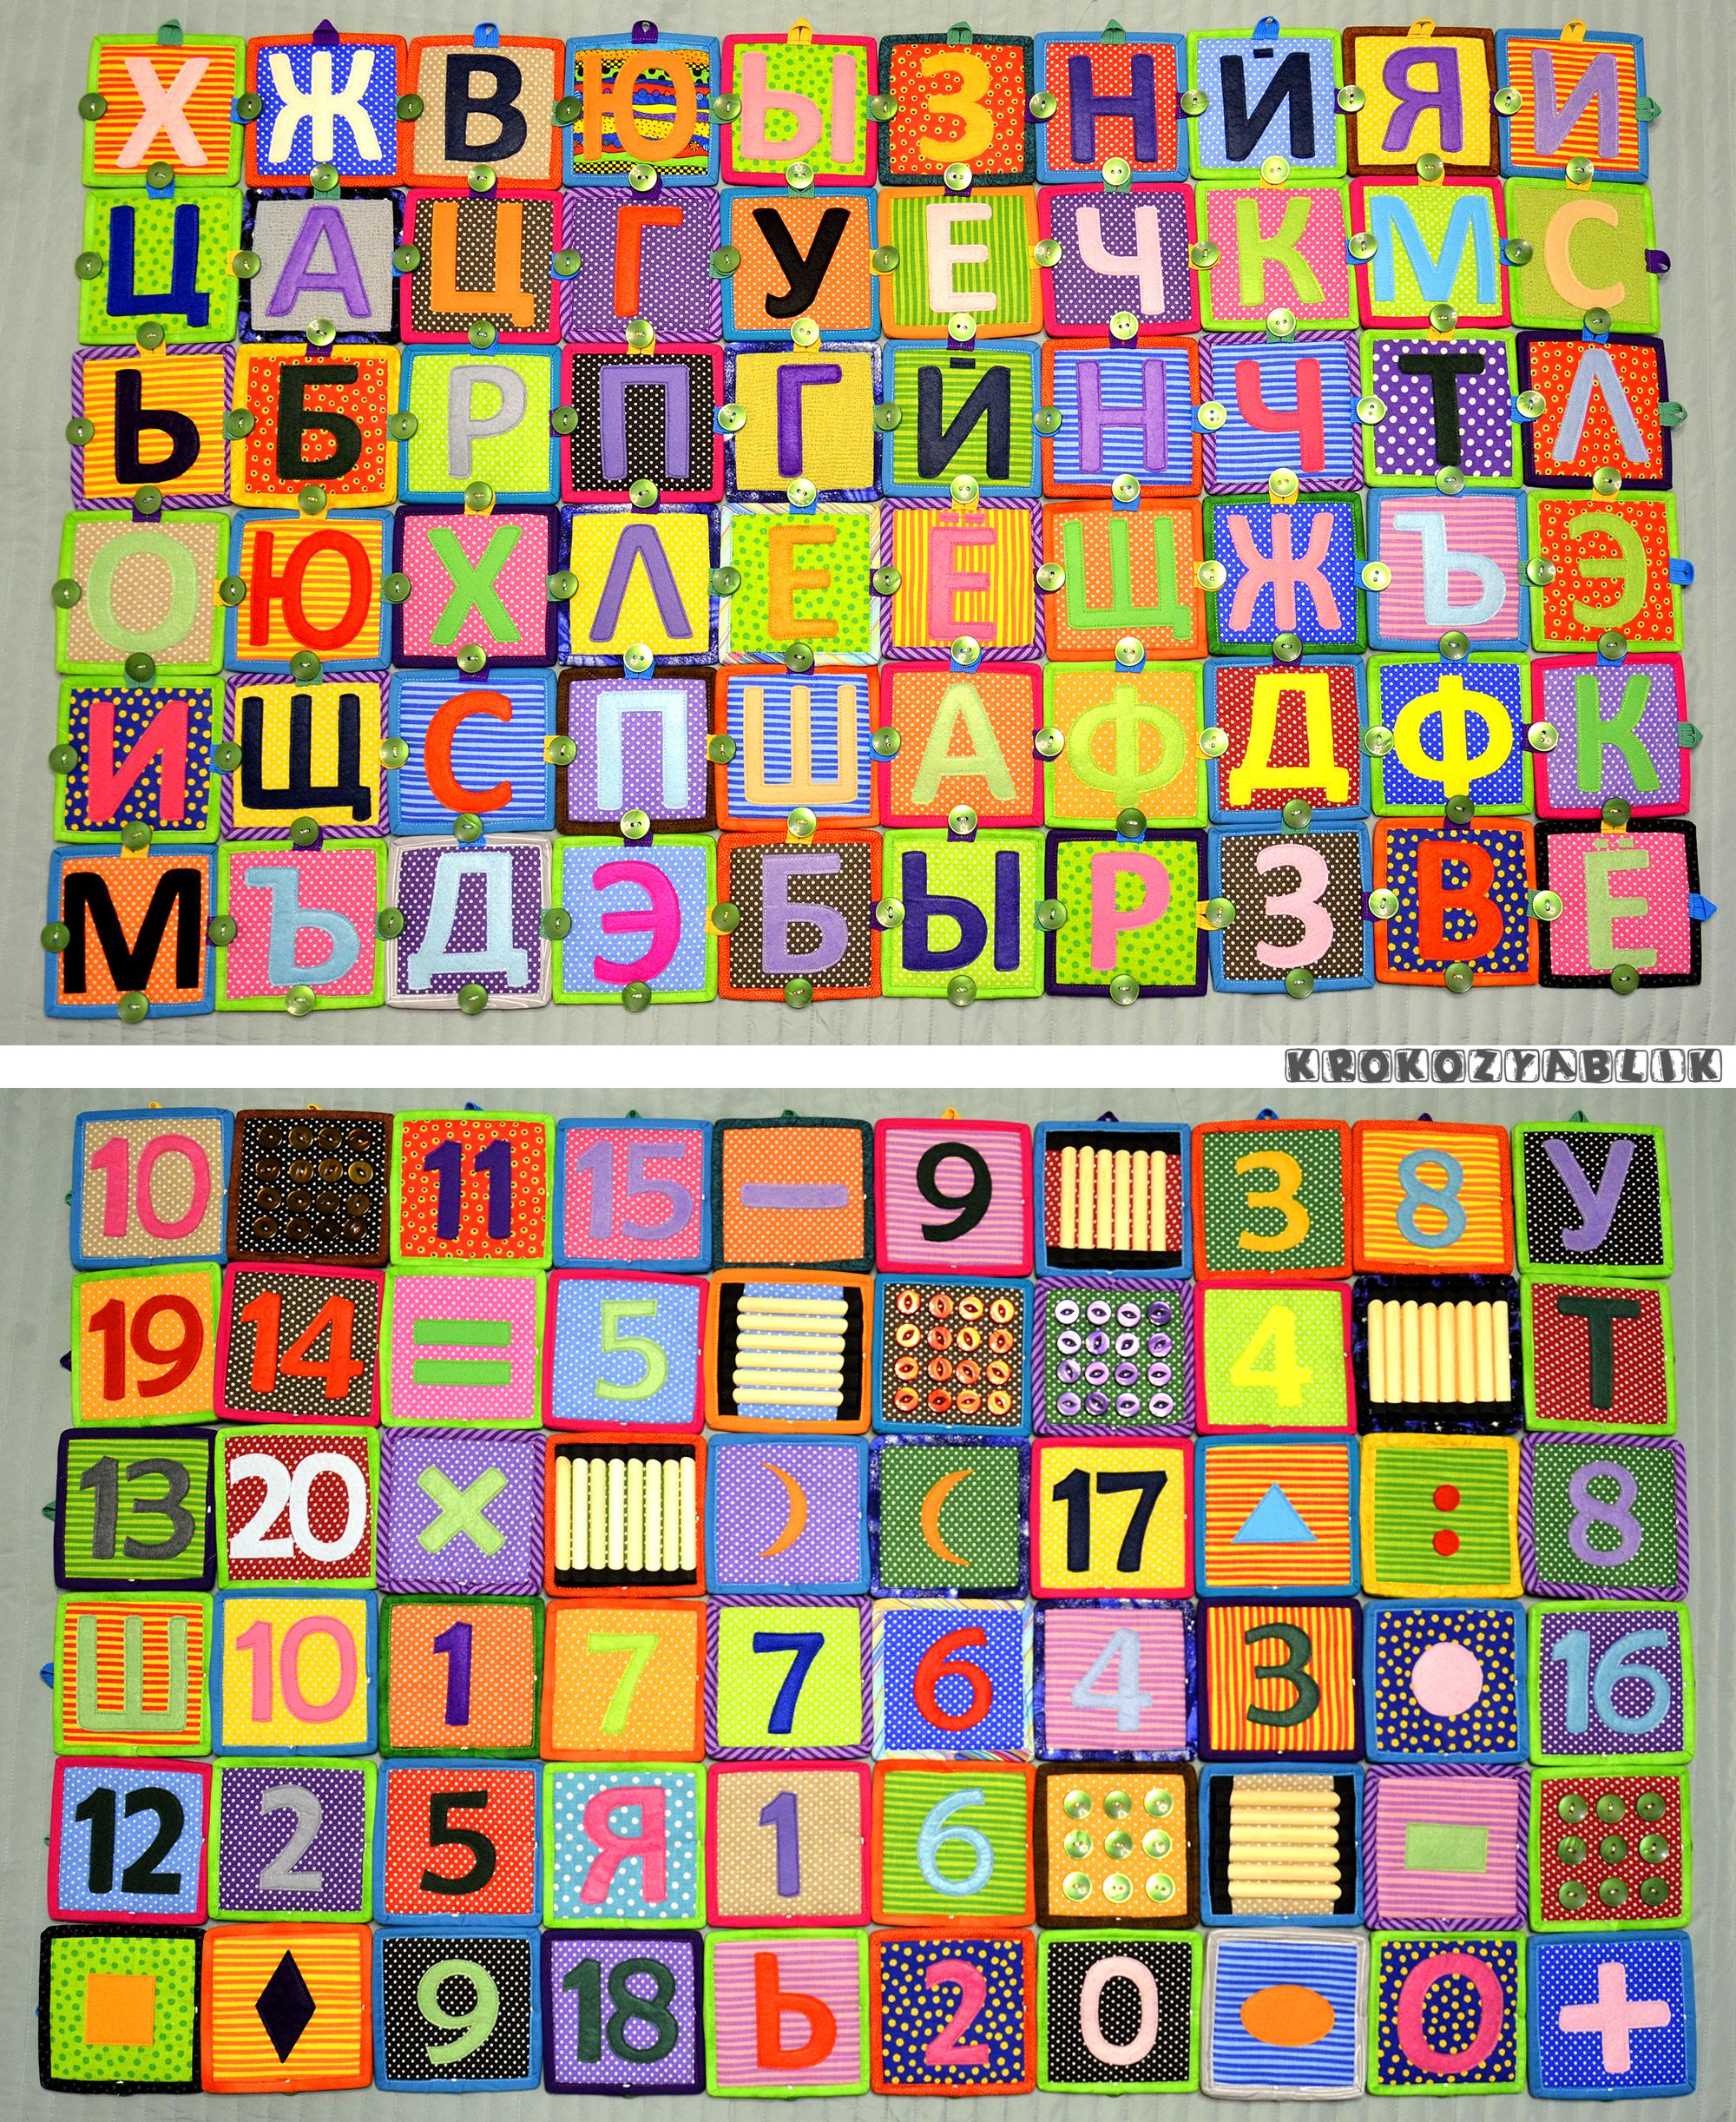 массажный коврик буквы числа.jpg